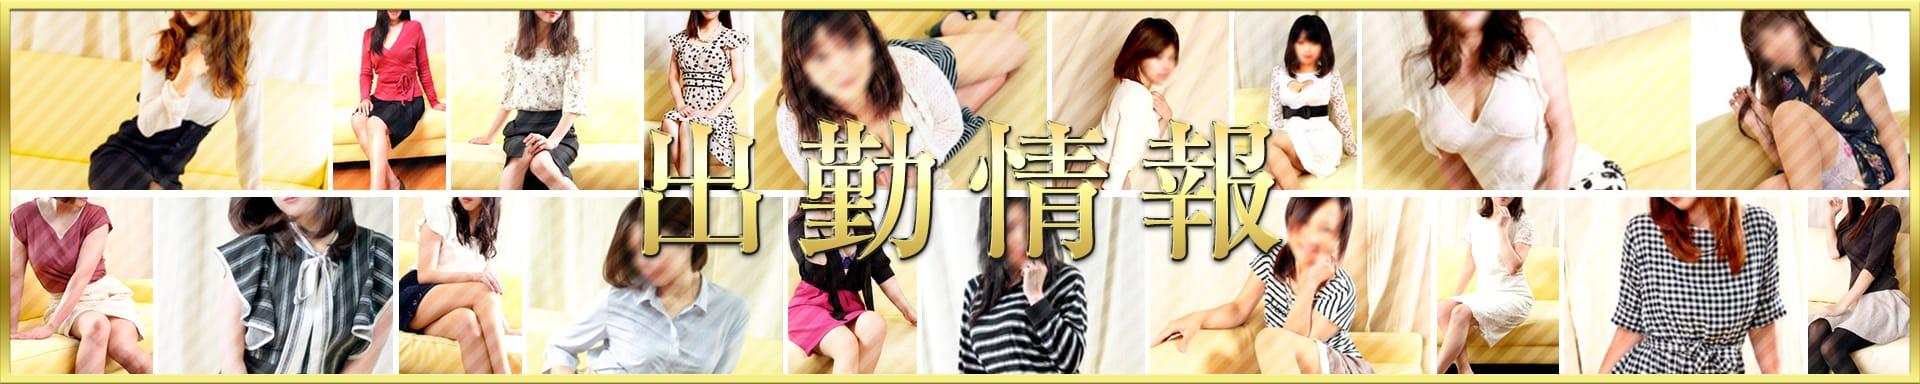 人妻総選挙Mrs48 その2